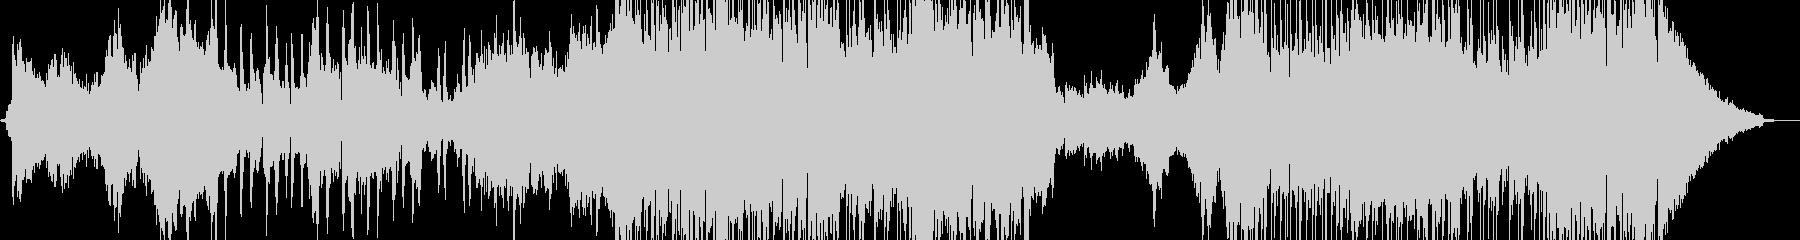 メルヘンな世界観・ガーリーポップ 短尺Bの未再生の波形